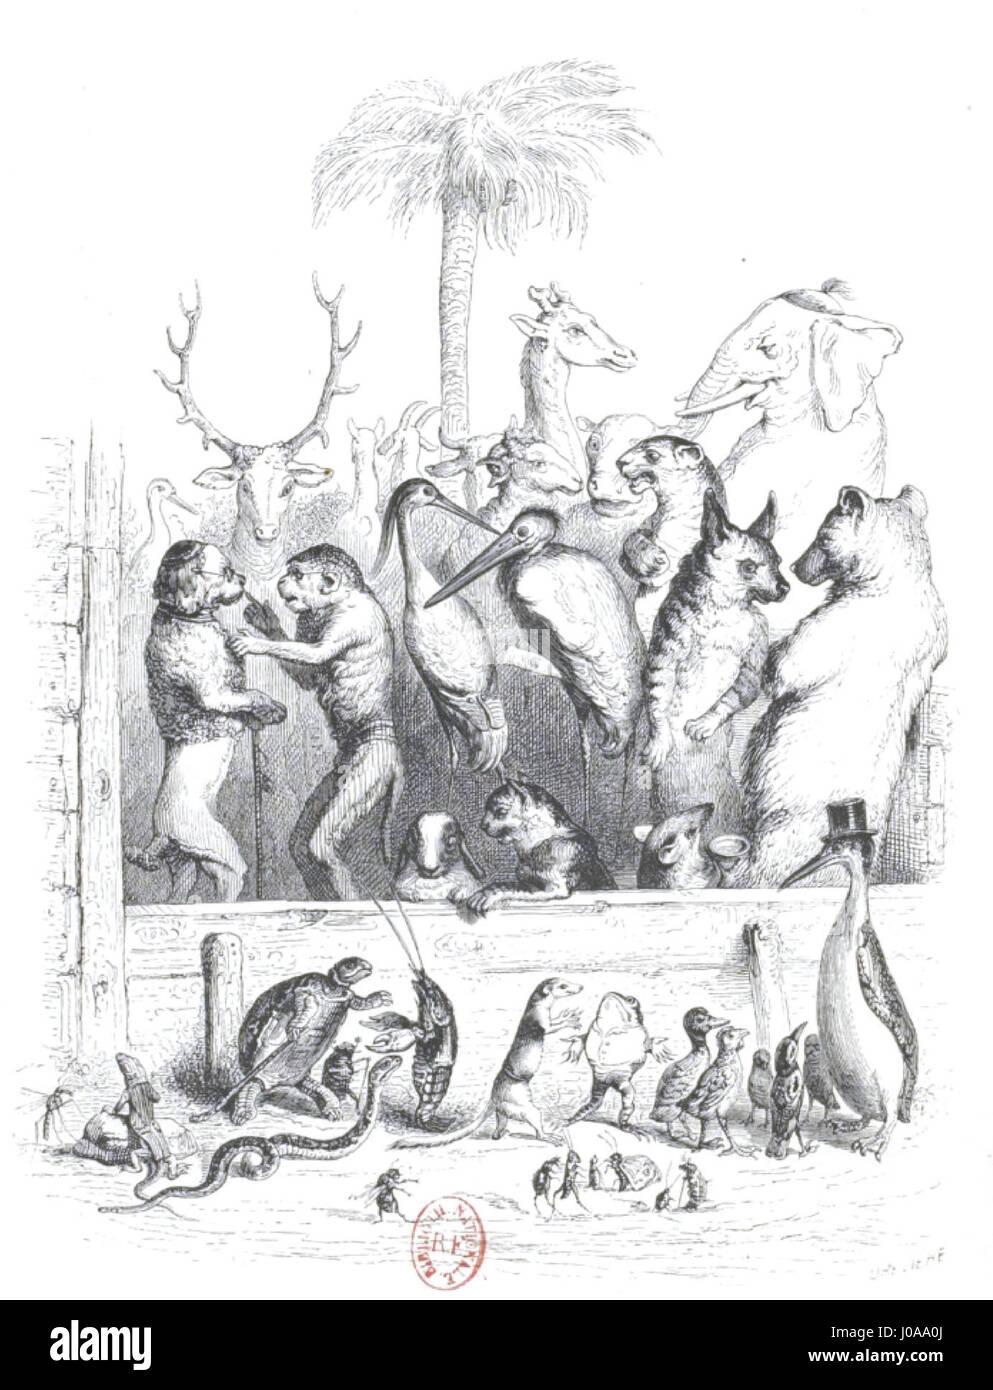 Scènes de la vie privée et publique des animaux, tome 1 0062 - Stock Image